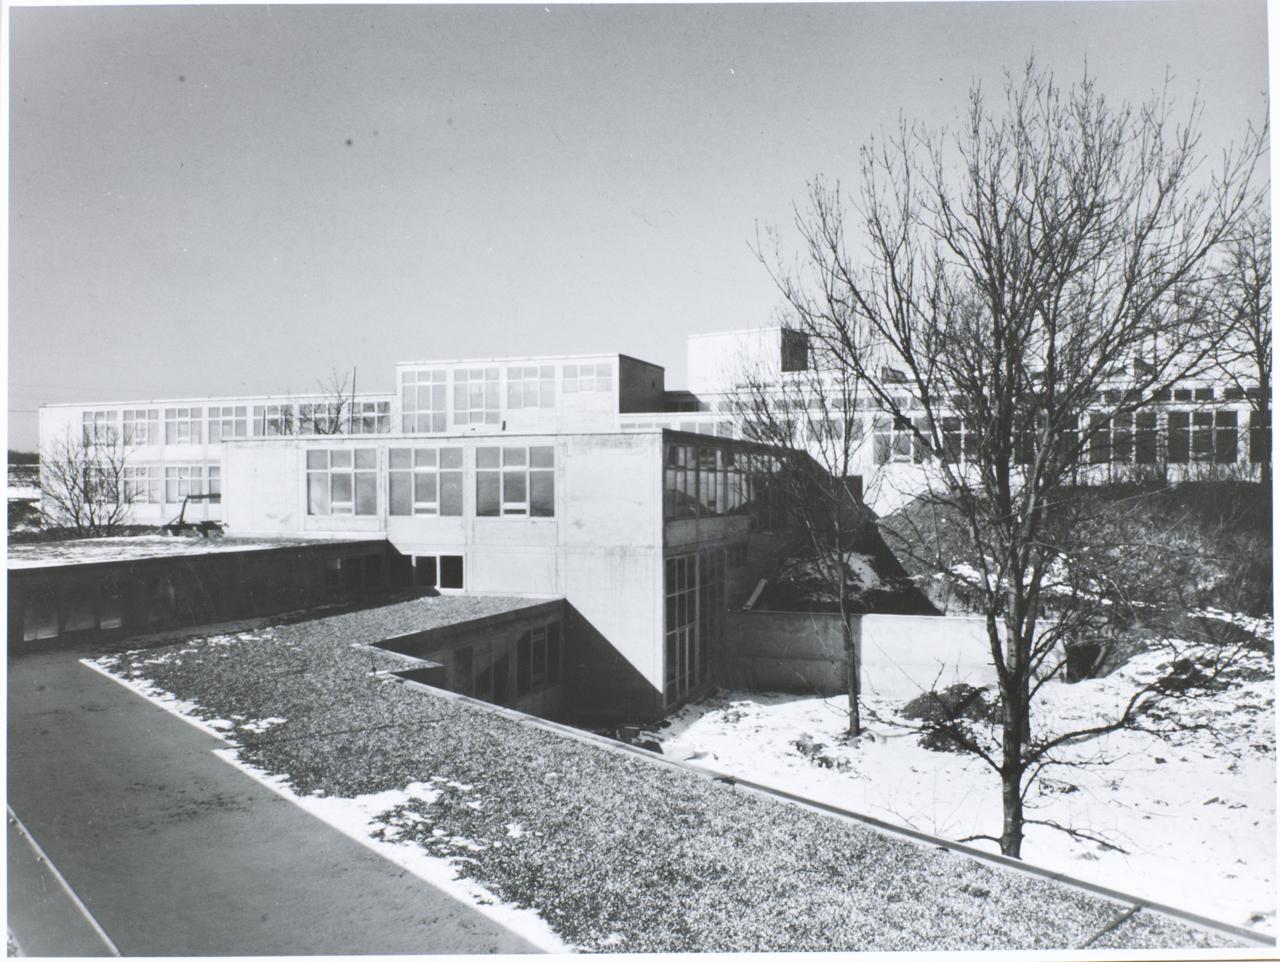 Architekten Ulm file 1955 foto hansgconrad hfgulm architekt maxbill jpg wikimedia